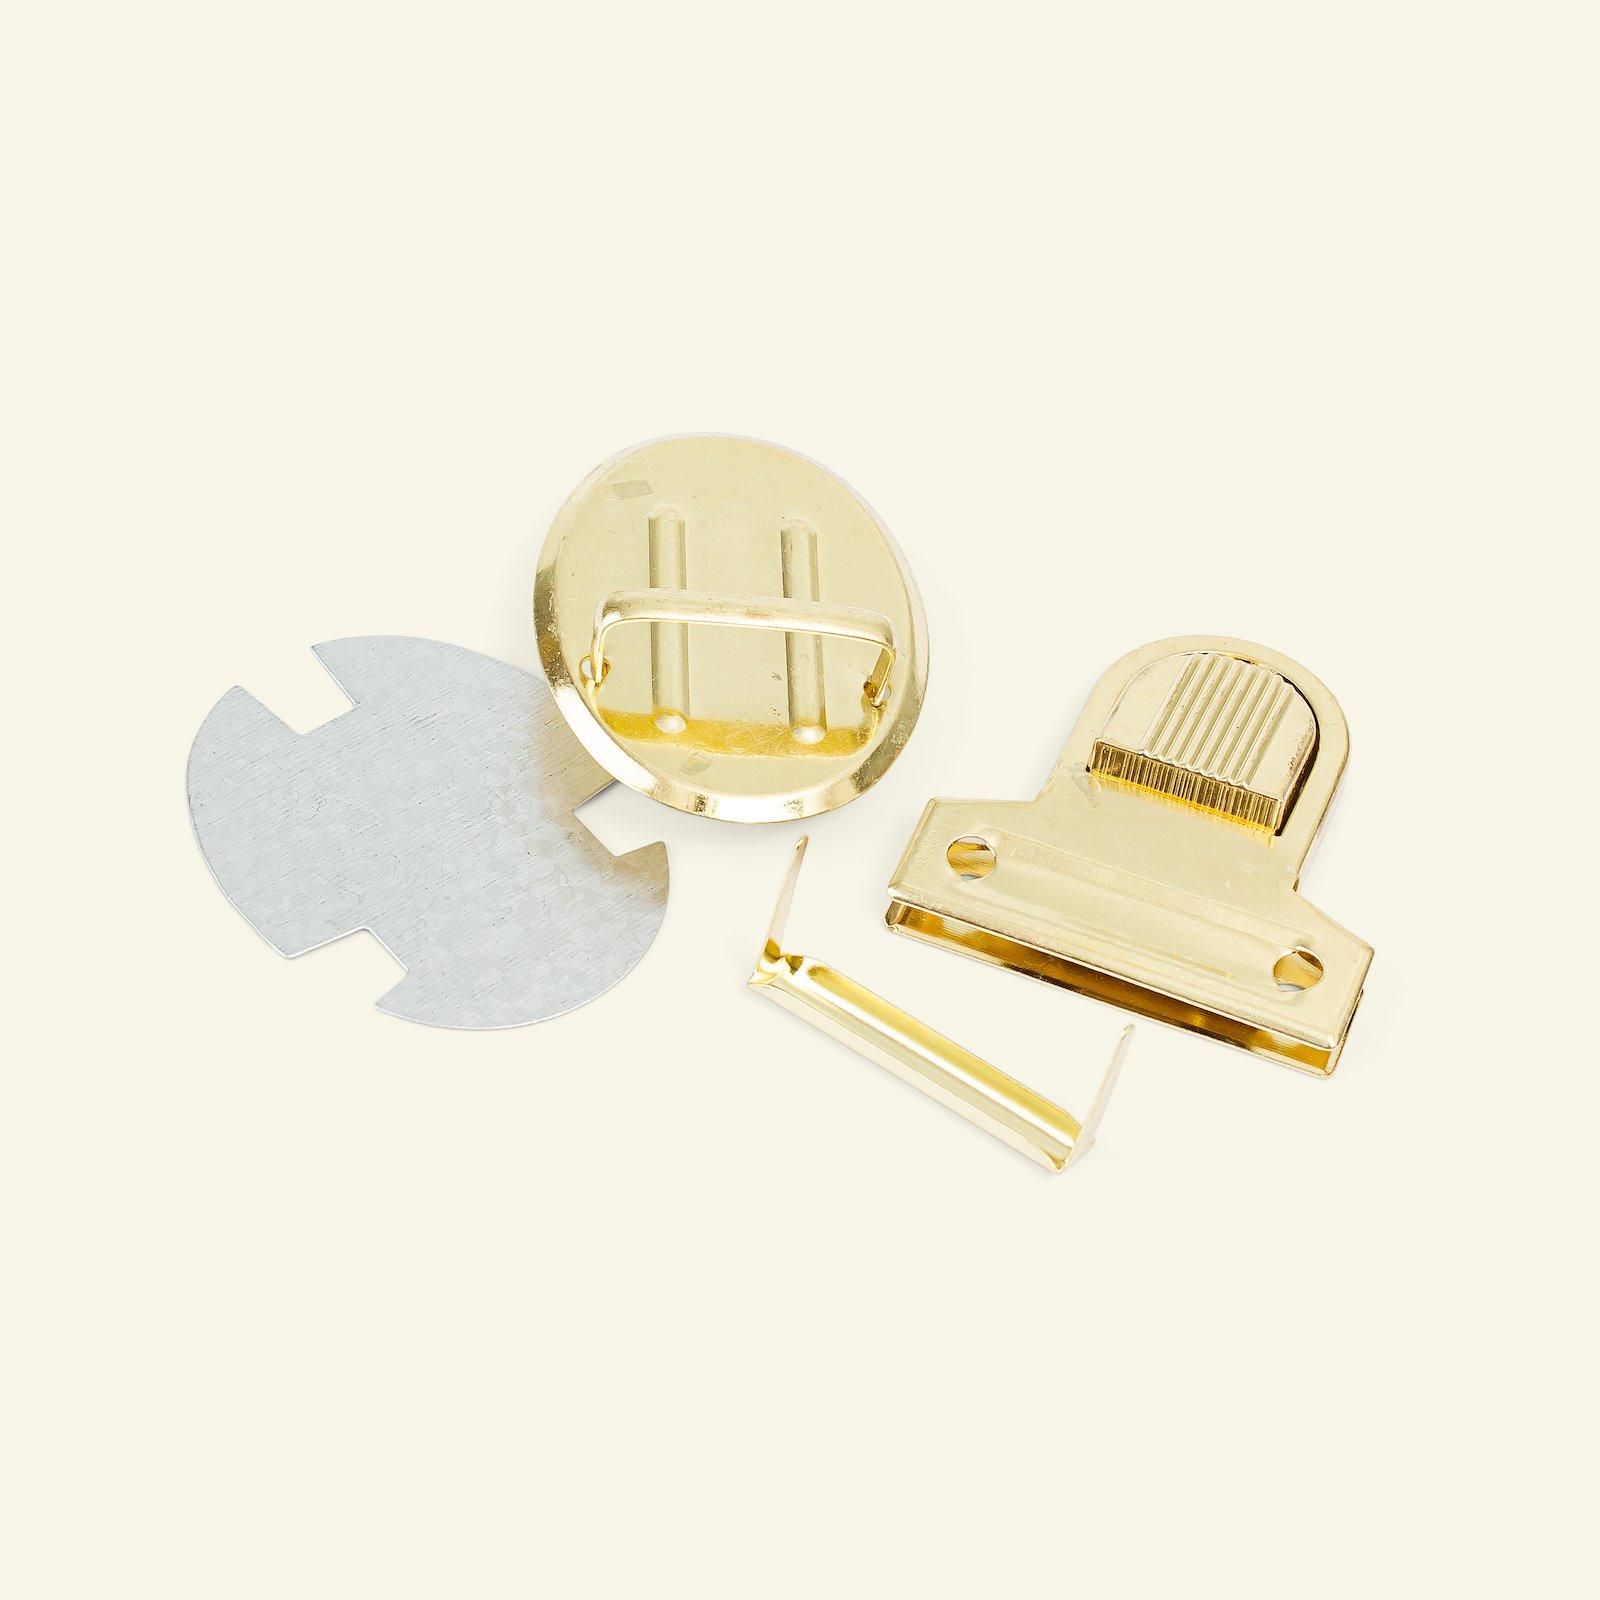 Steckschloss metall 44x45mm gold 1Stk 43009_pack